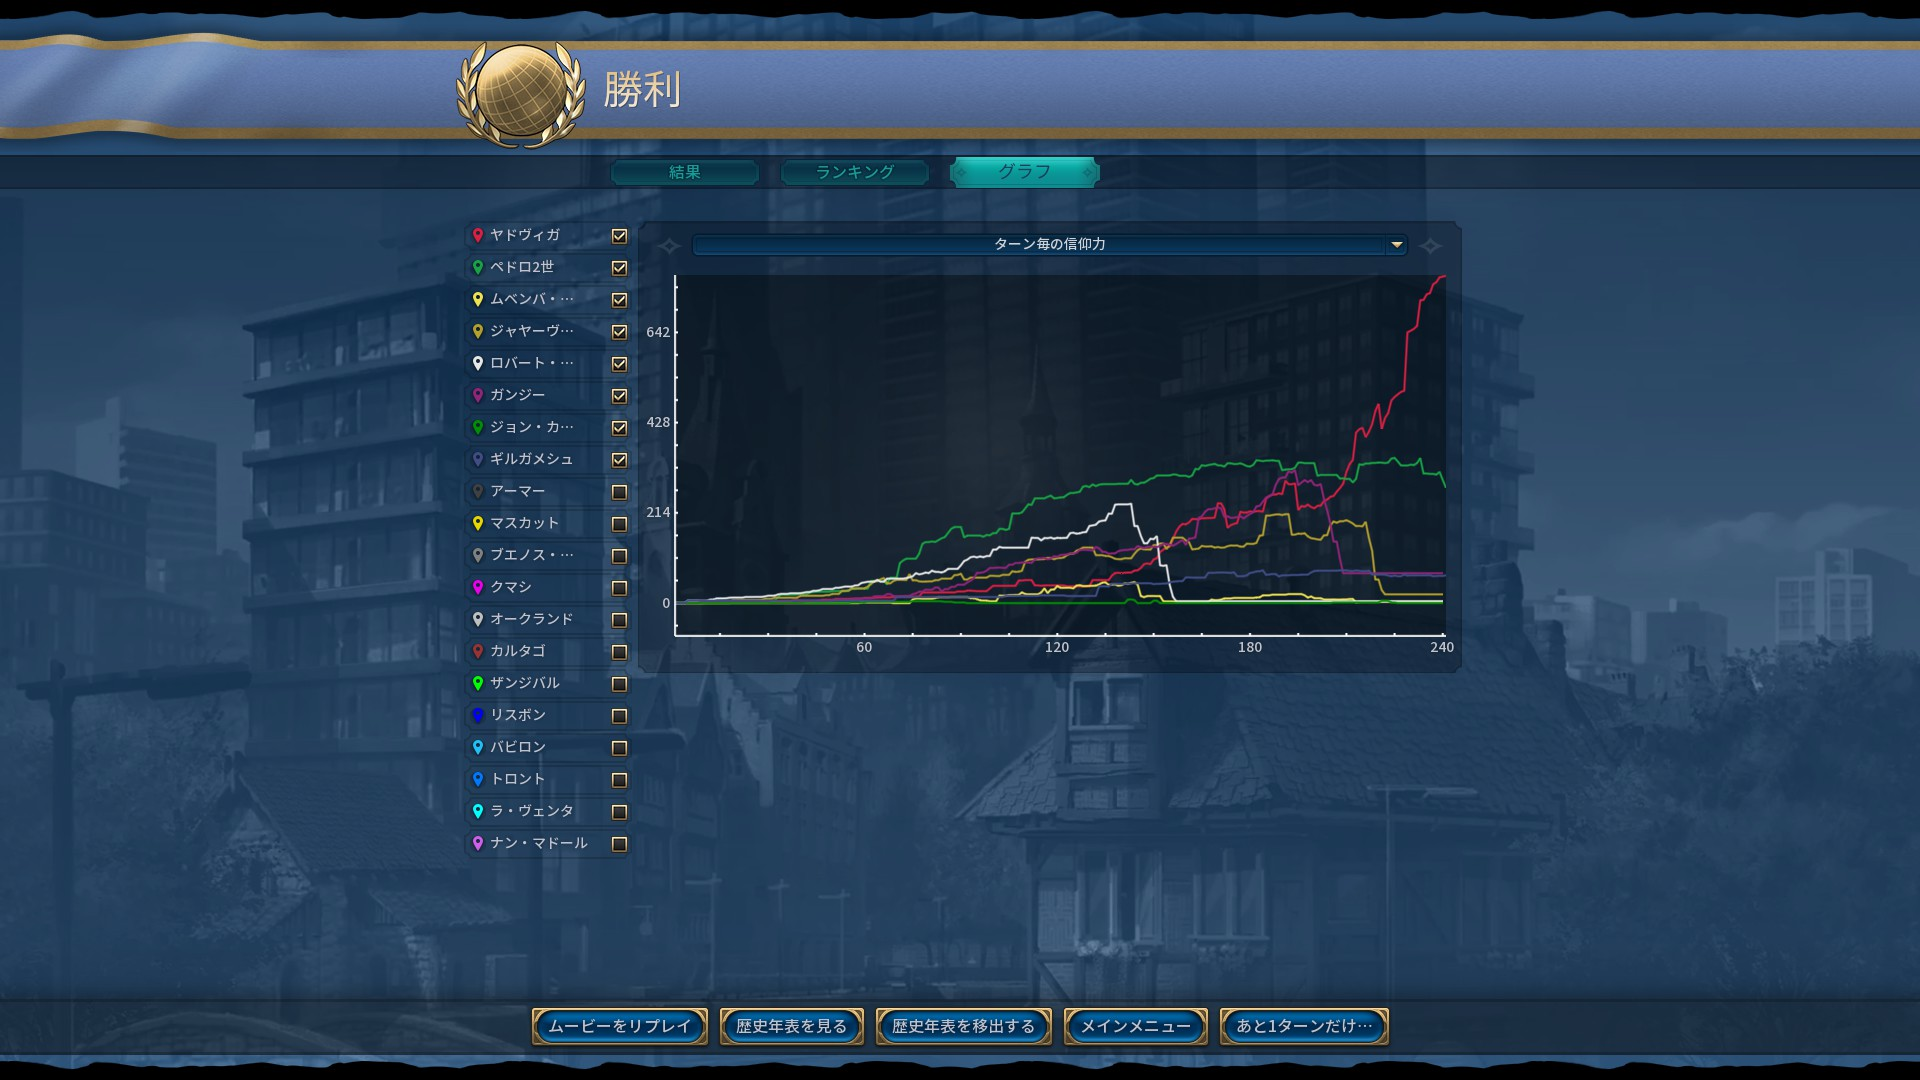 06_信仰力のグラフ.jpg